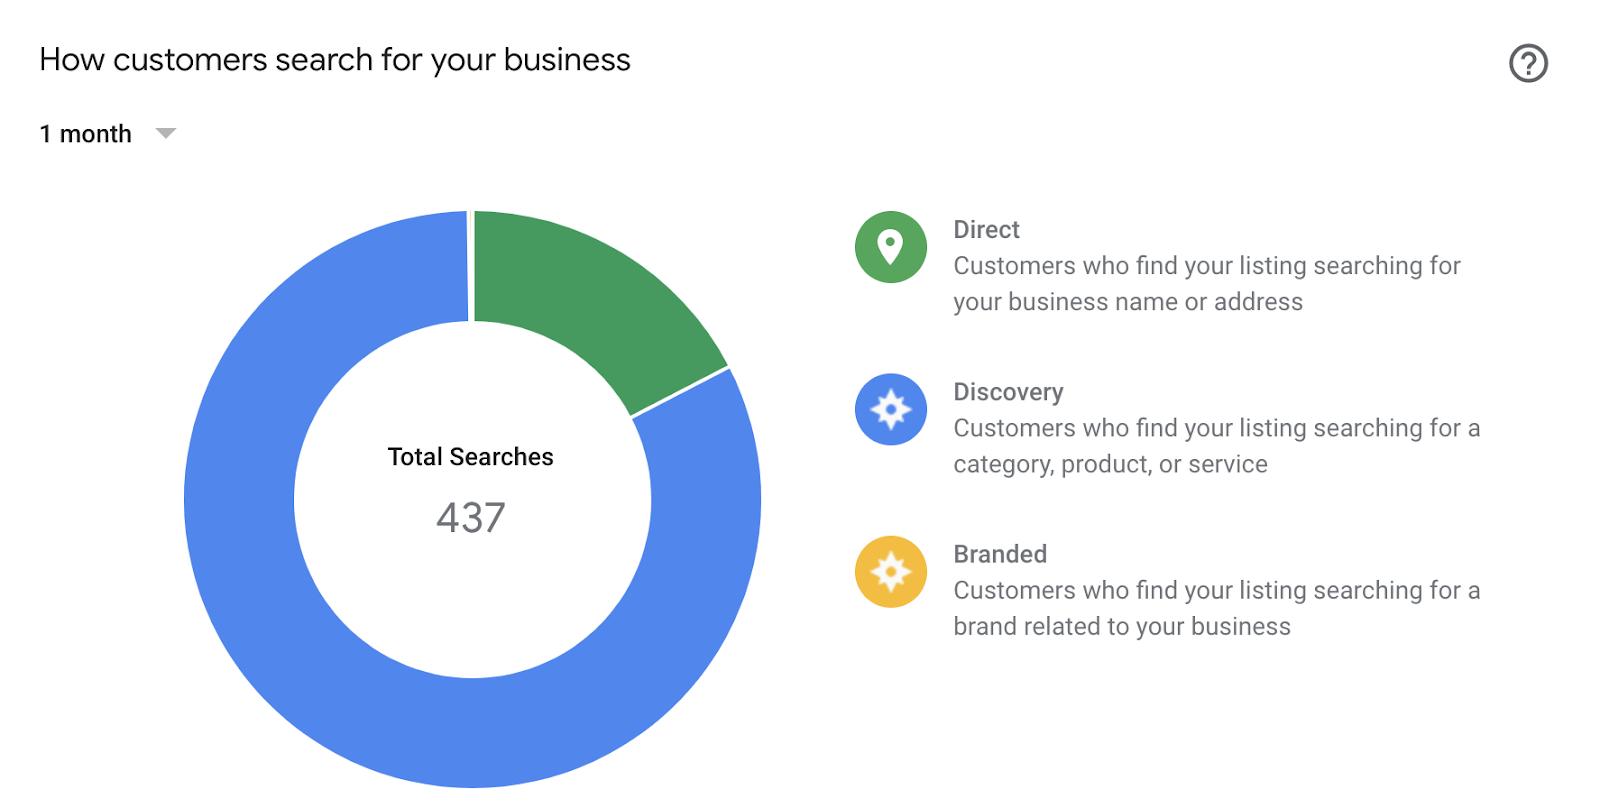 Cách khách hàng tìm thấy doanh nghiệp (Ảnh: sheldonpayne.com)